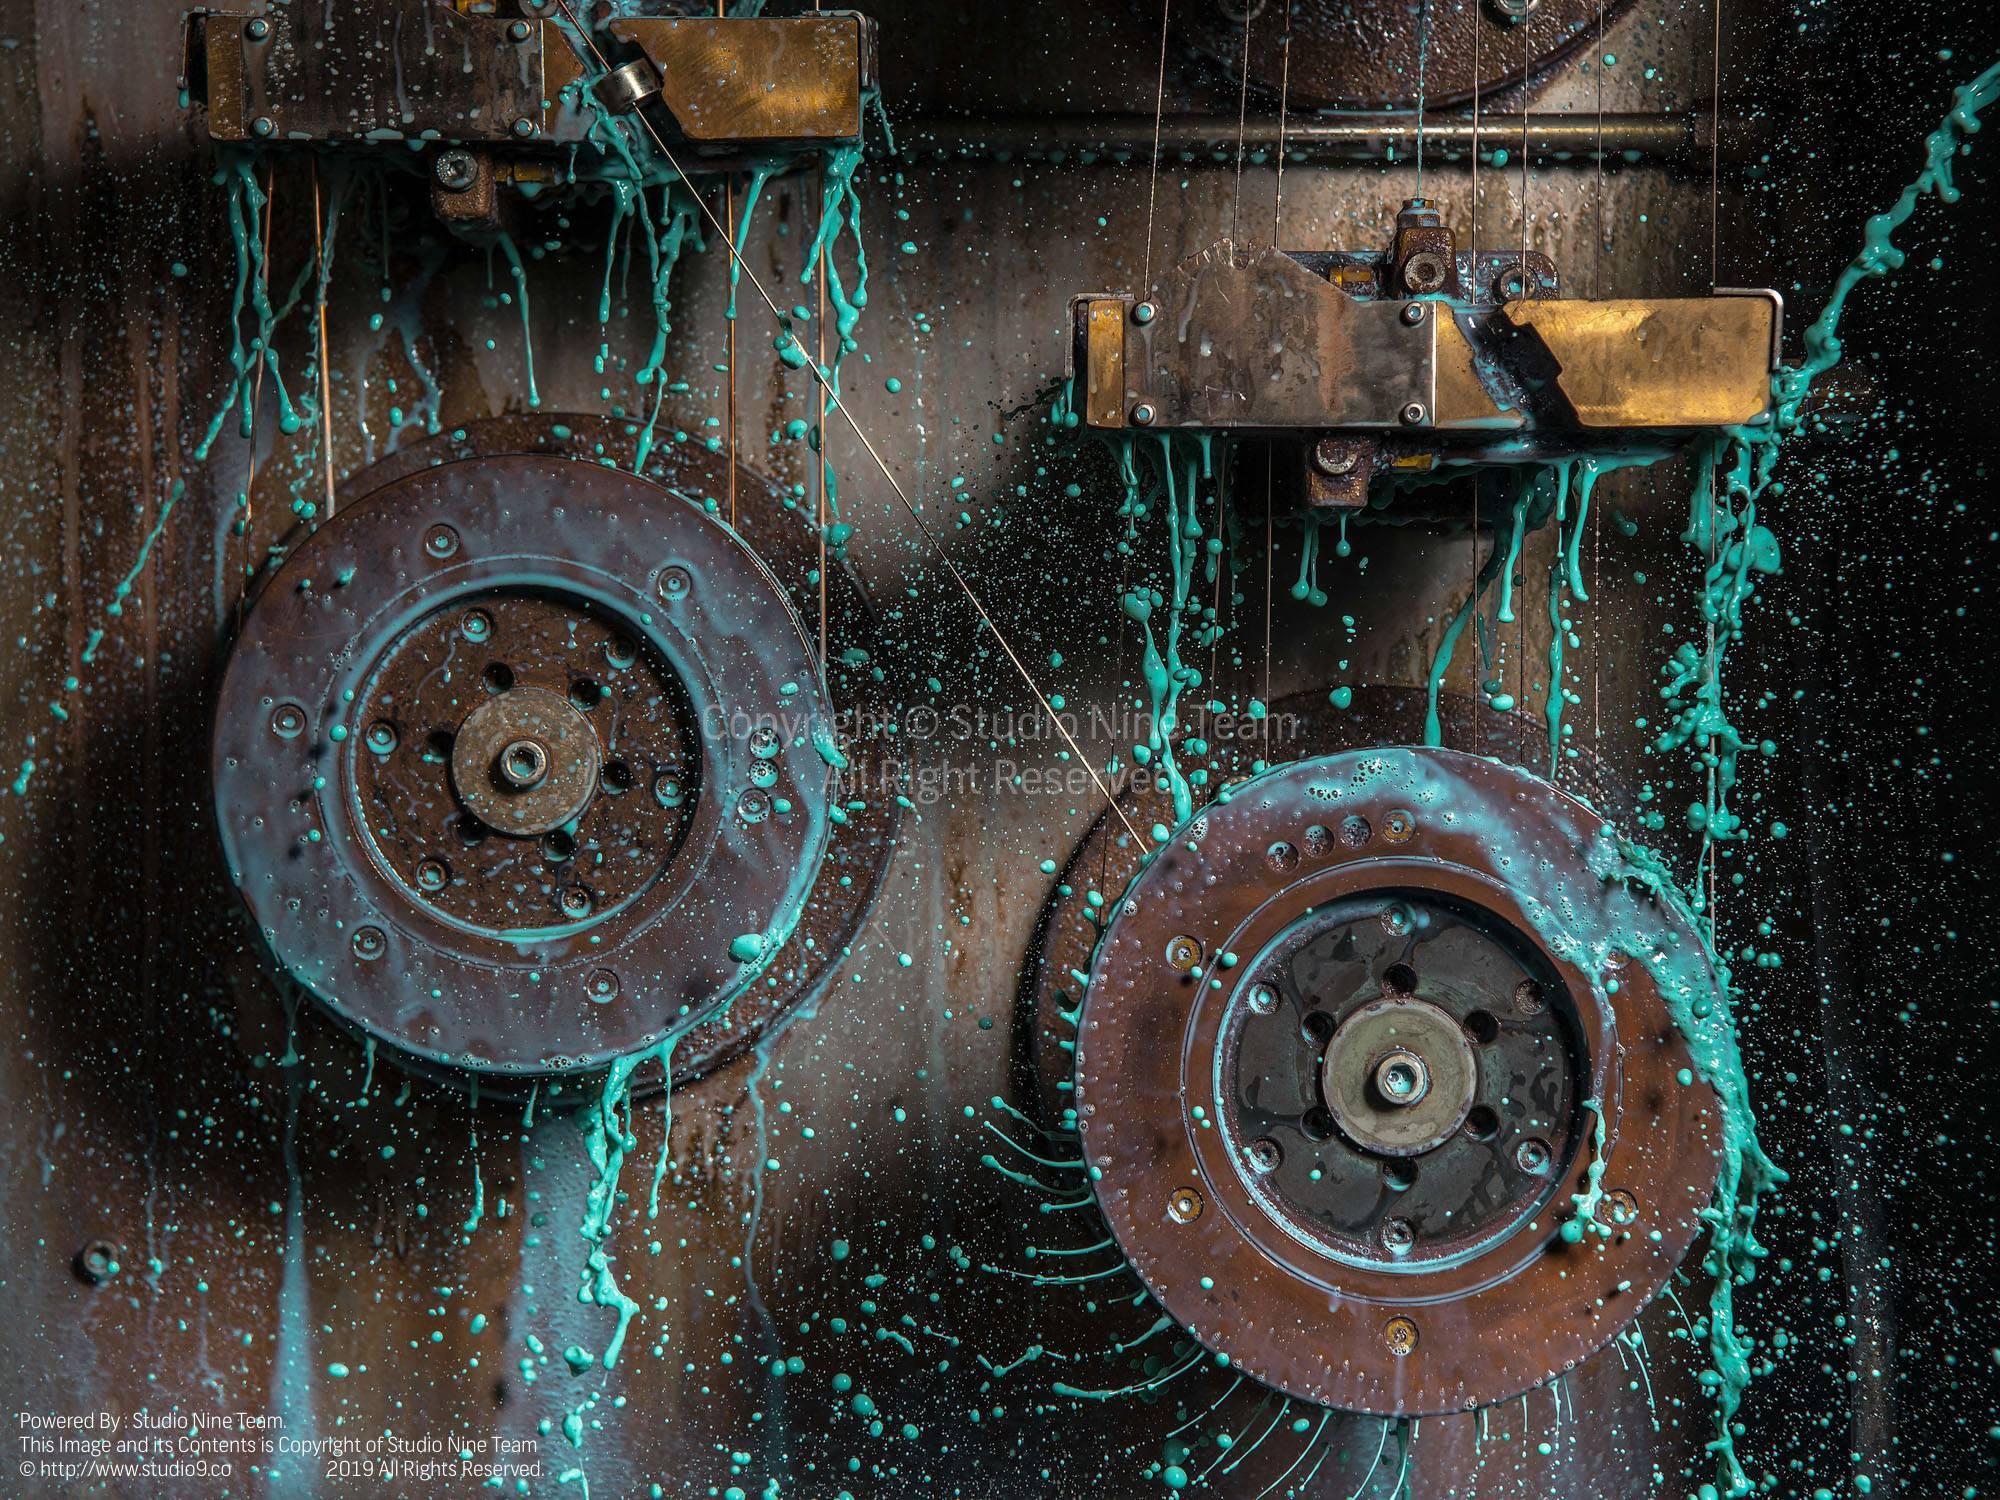 گالری عکاسی صنعتی | عکاسی سرعت بالا